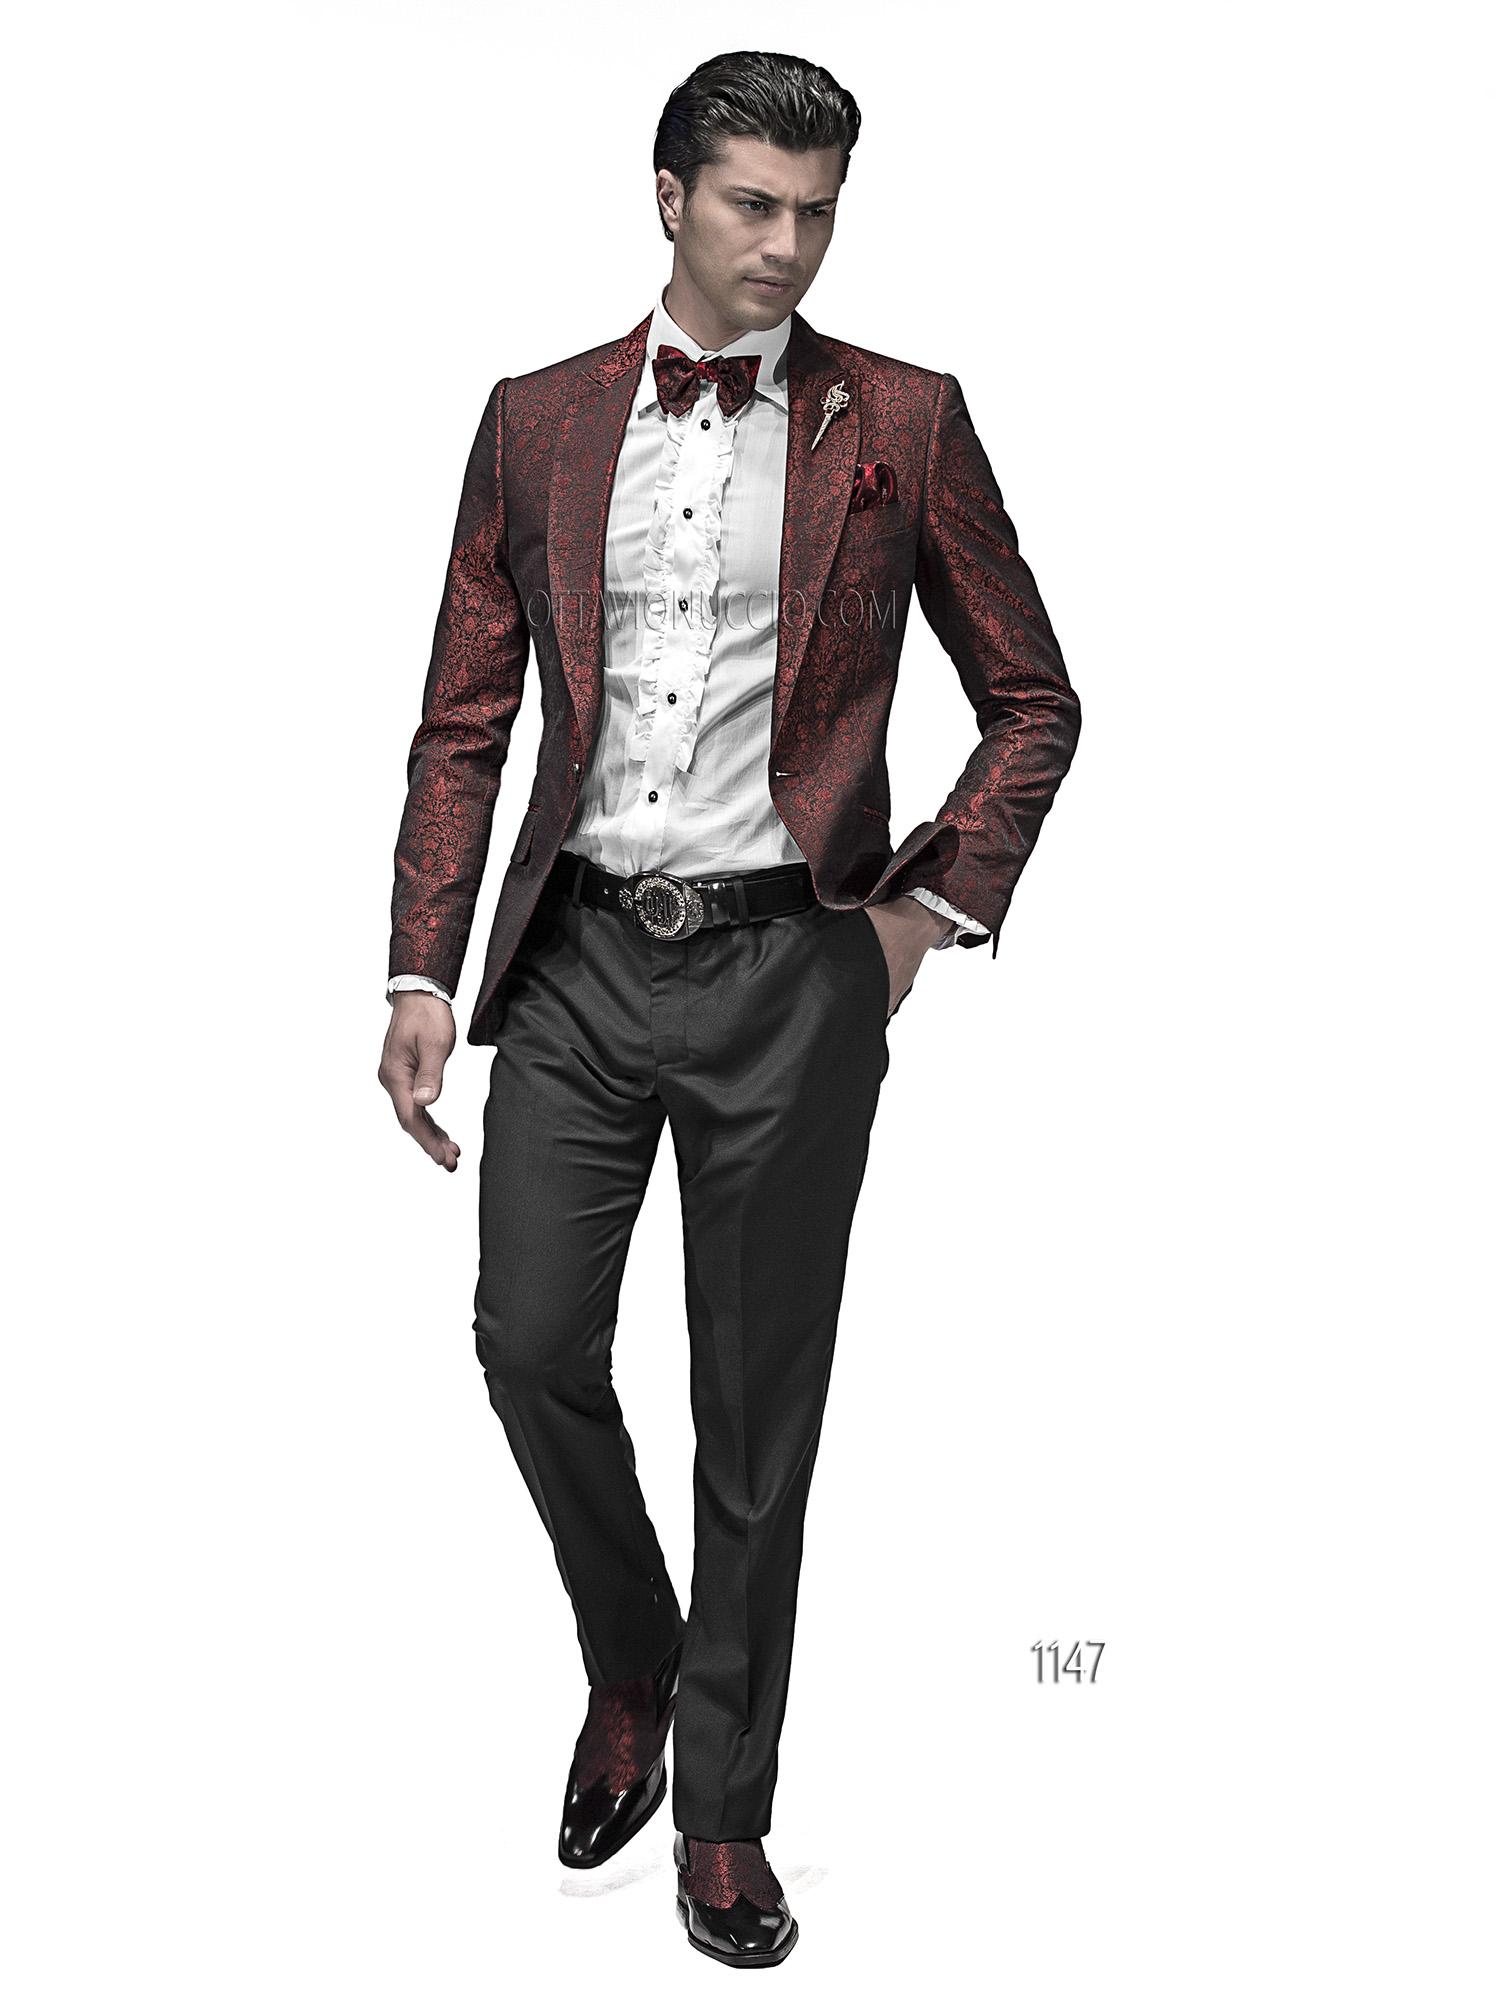 Vestito Matrimonio Uomo Frac : Vestito nero matrimonio uomo su abiti da sposa italia